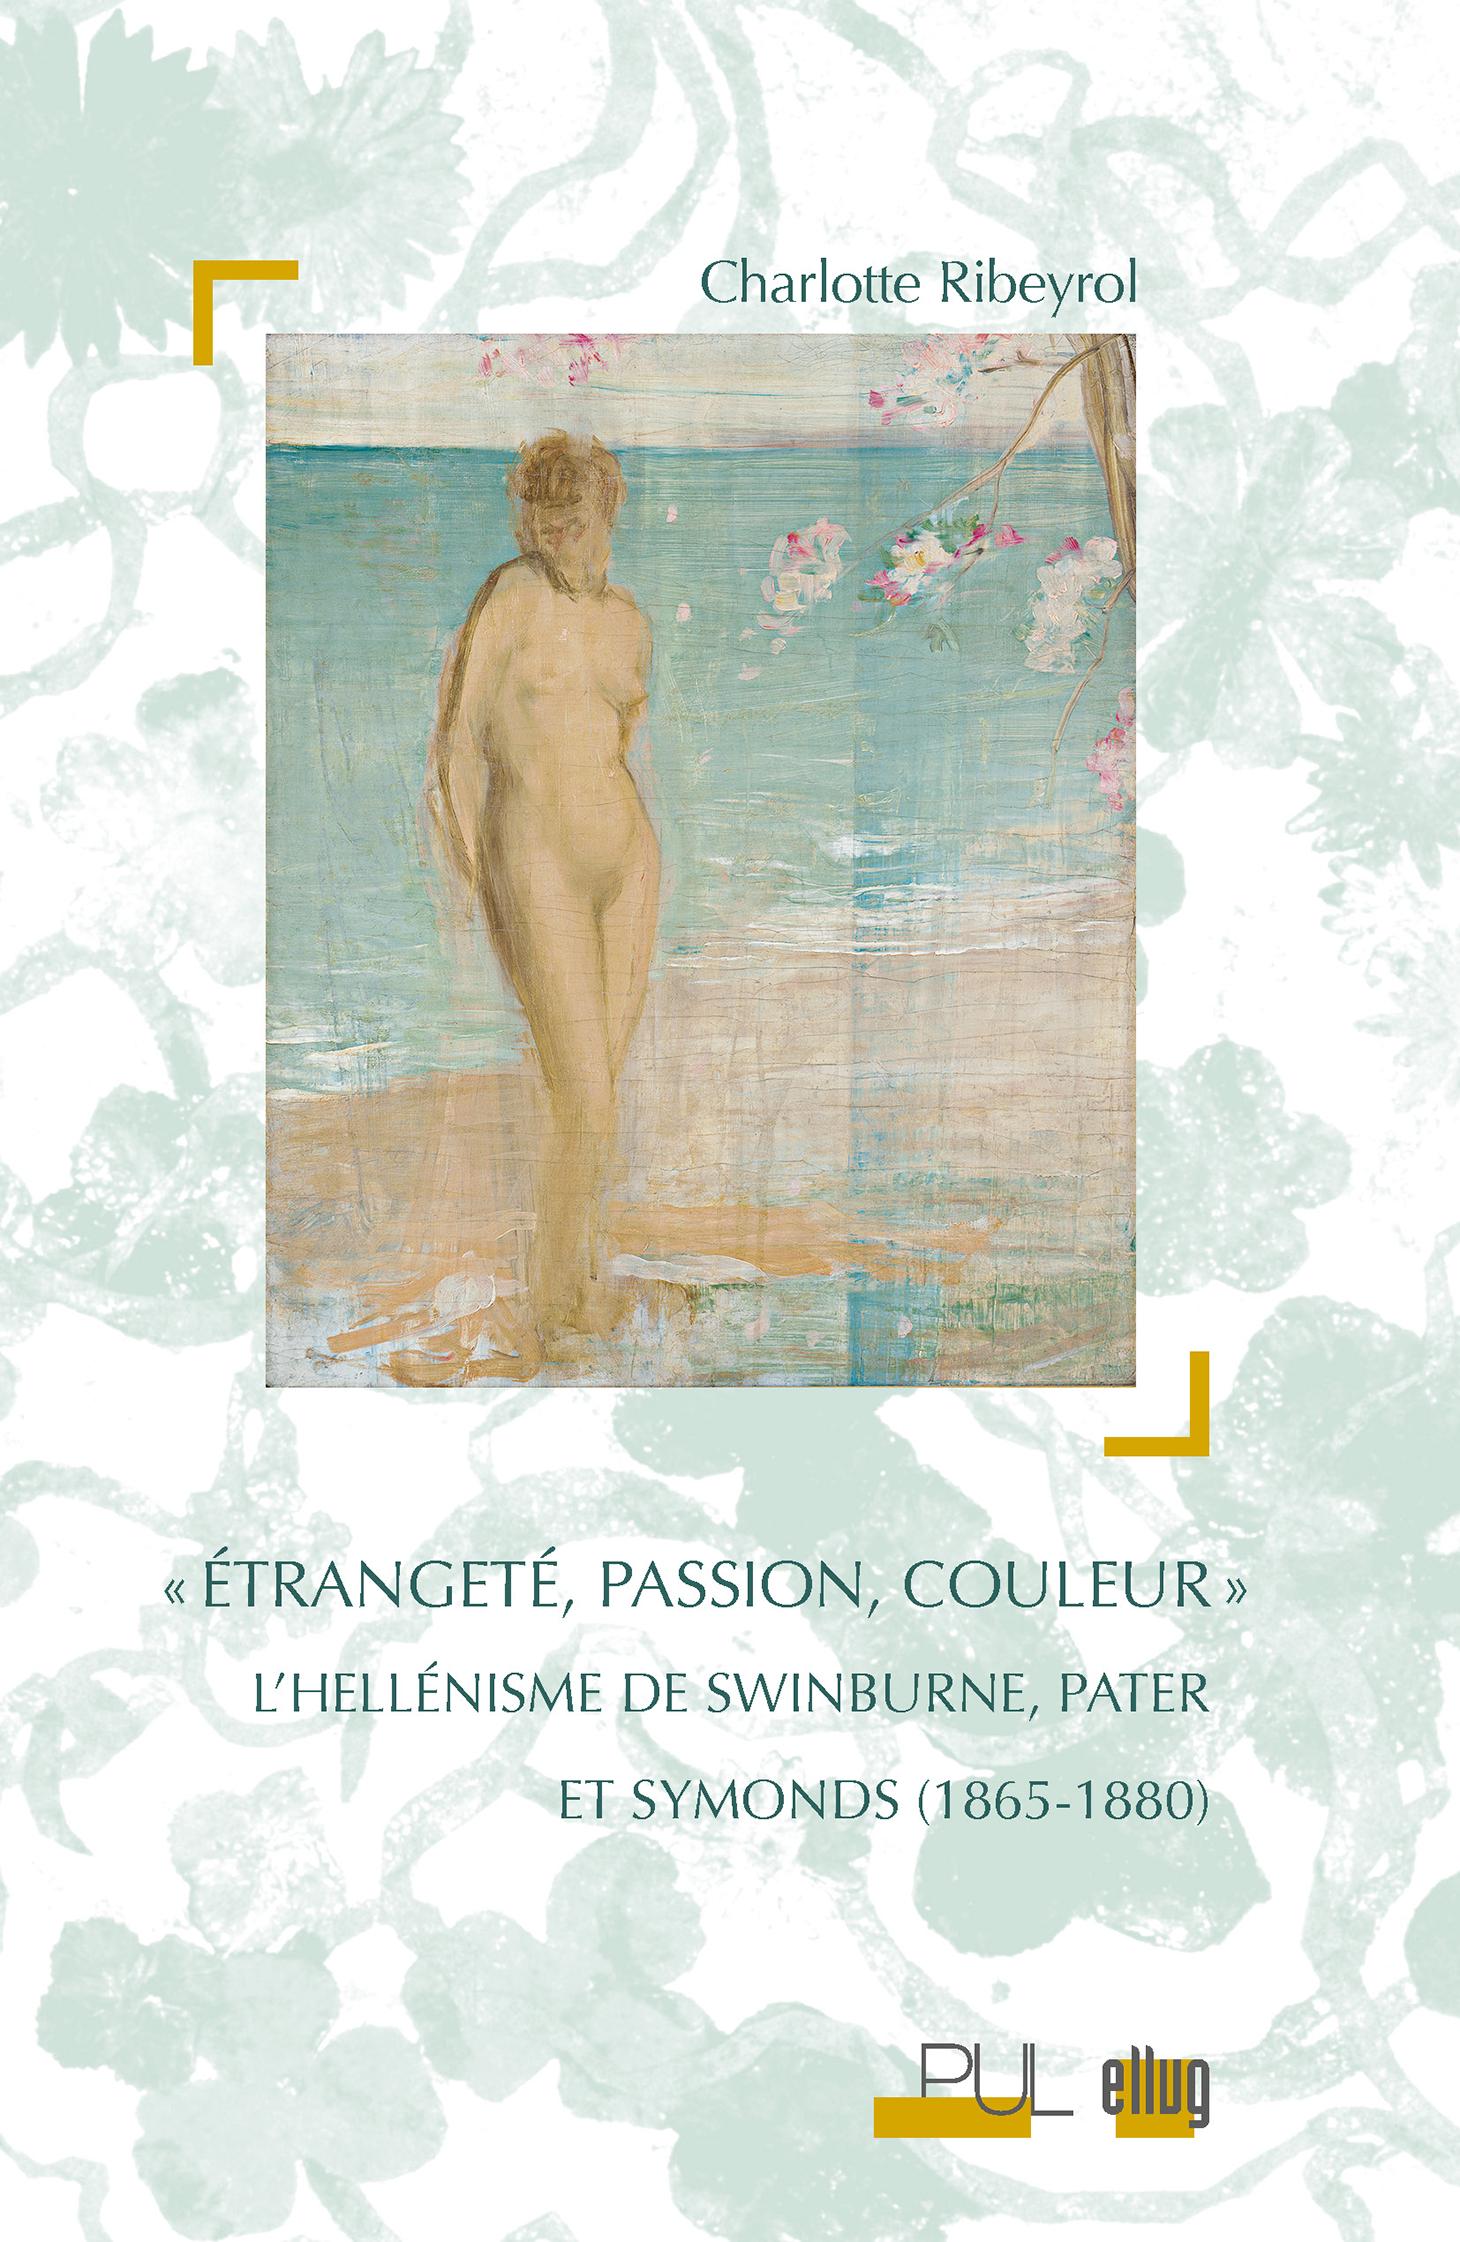 Couverture Etrangeté, passion, couleur - Swinburne, Pater et Symonds